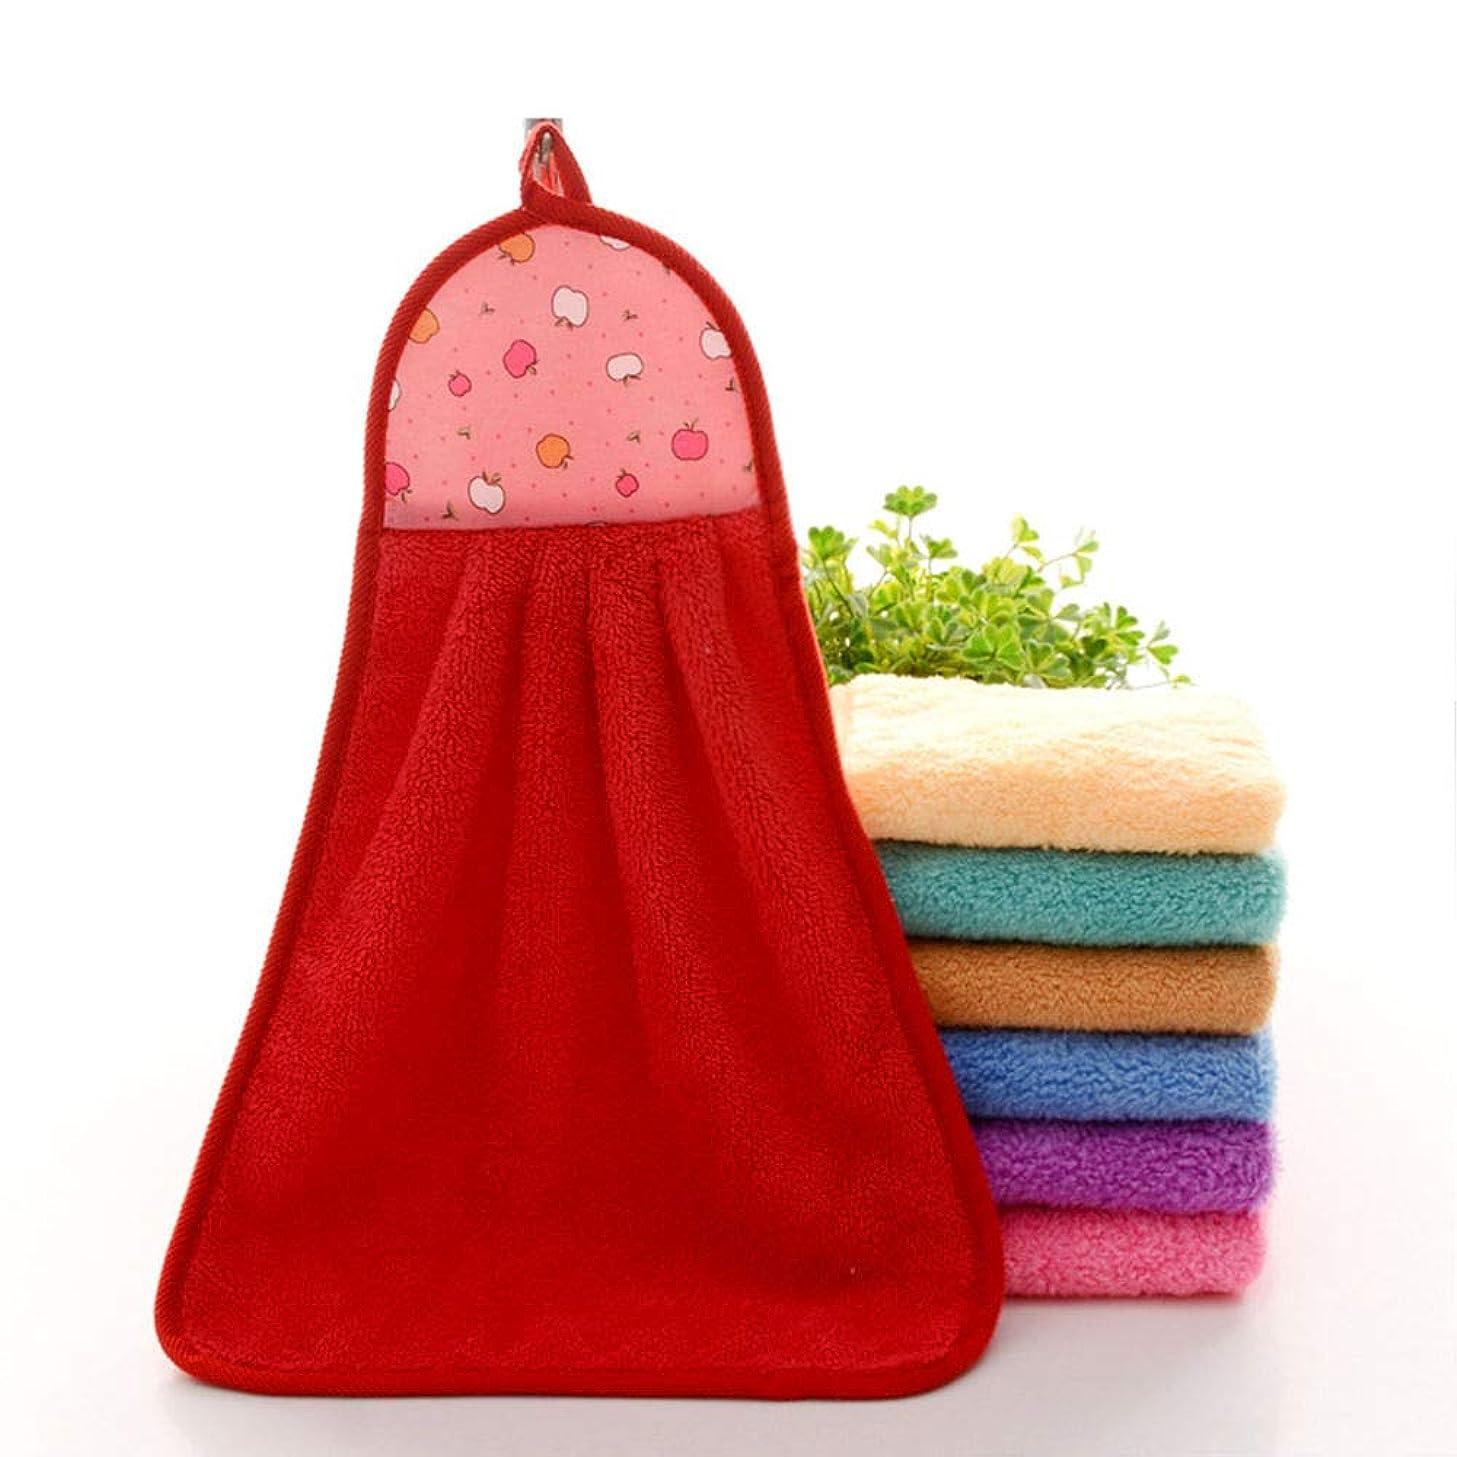 Maxcrestas - ホテルトラベルアクセサリー用の布乾燥パッドフェイスタオルをぶら下げ太いマイクロファイバーキッチン浴室ハンドタオルソフト吸収